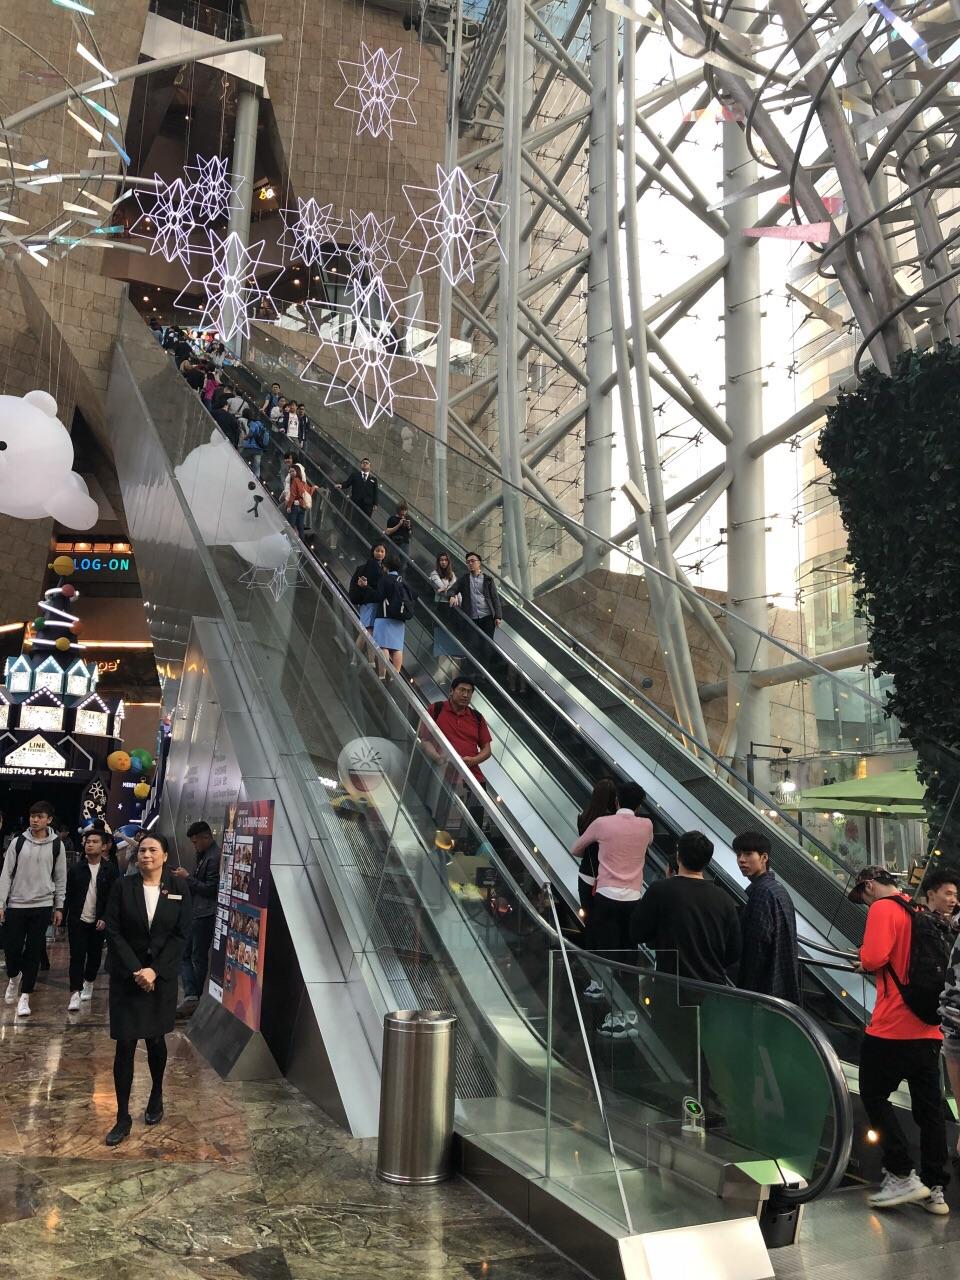 无论你朗豪坊等大型购物中心还是街边小店都以潮牌为主 2017-12-23有图片